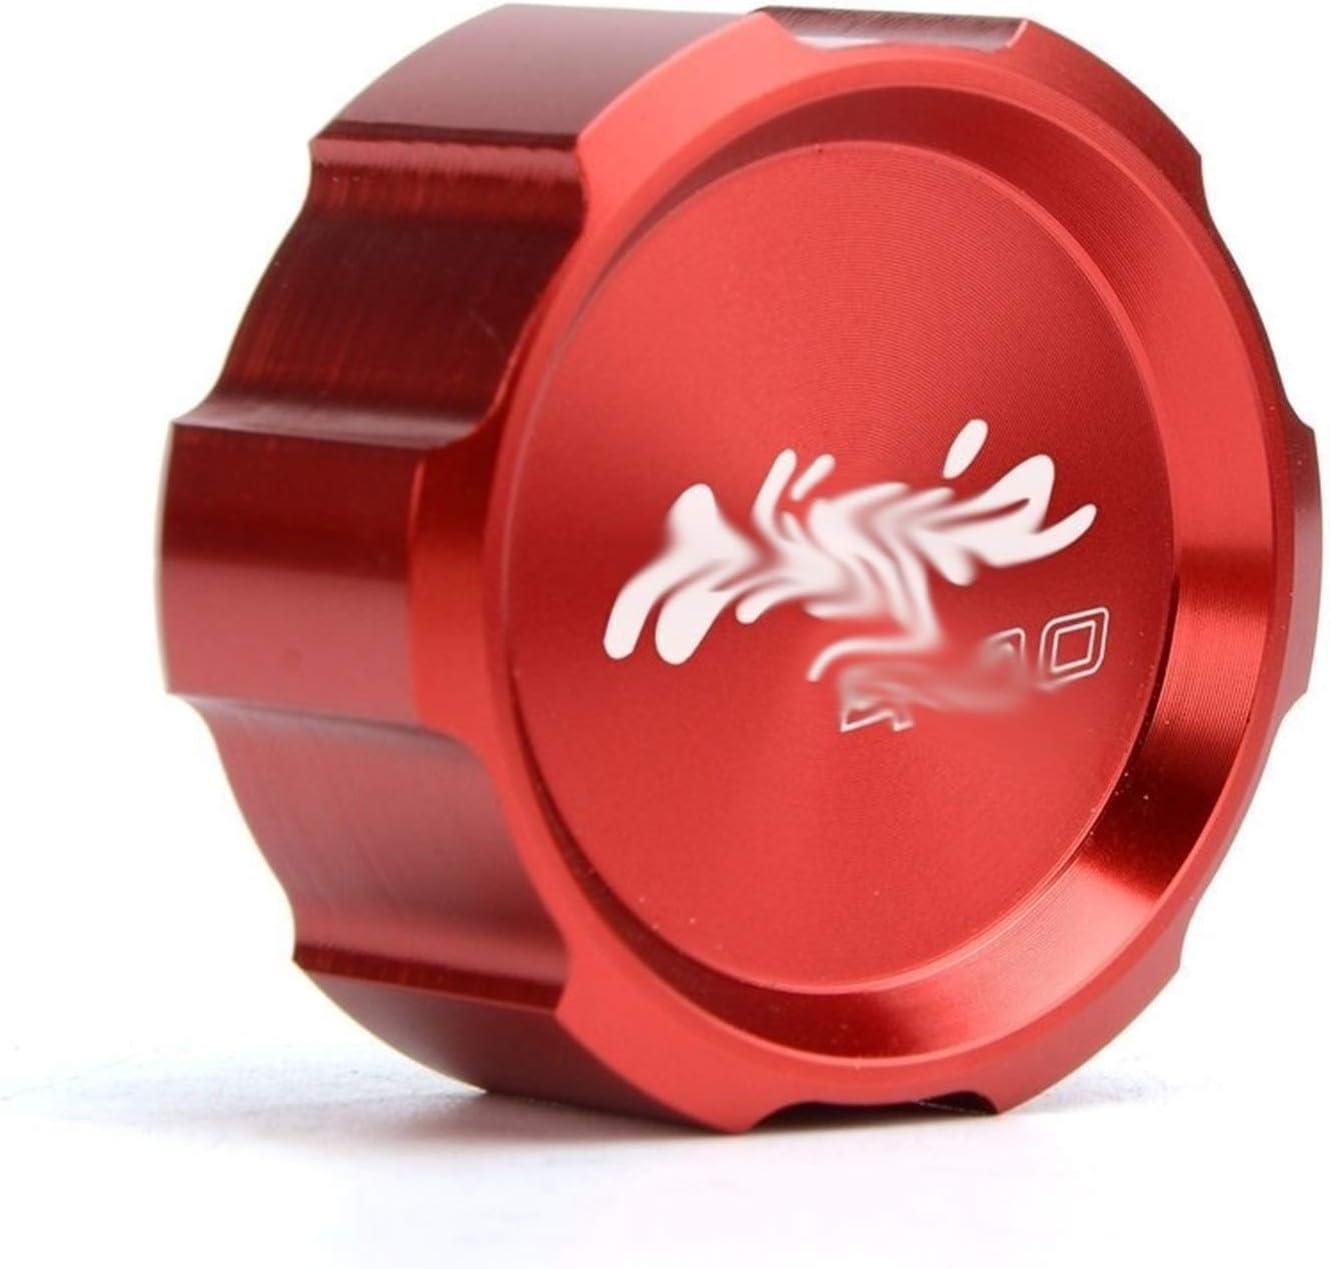 Ajuste for Ninja400 2018-2019 BGGZZG Aluninum Freno Delantero Trasero Fluid Cilindro Maestro embalse de la Cubierta del Casquillo de Piezas//Fit for Kawasaki//Fit For Ninja 400